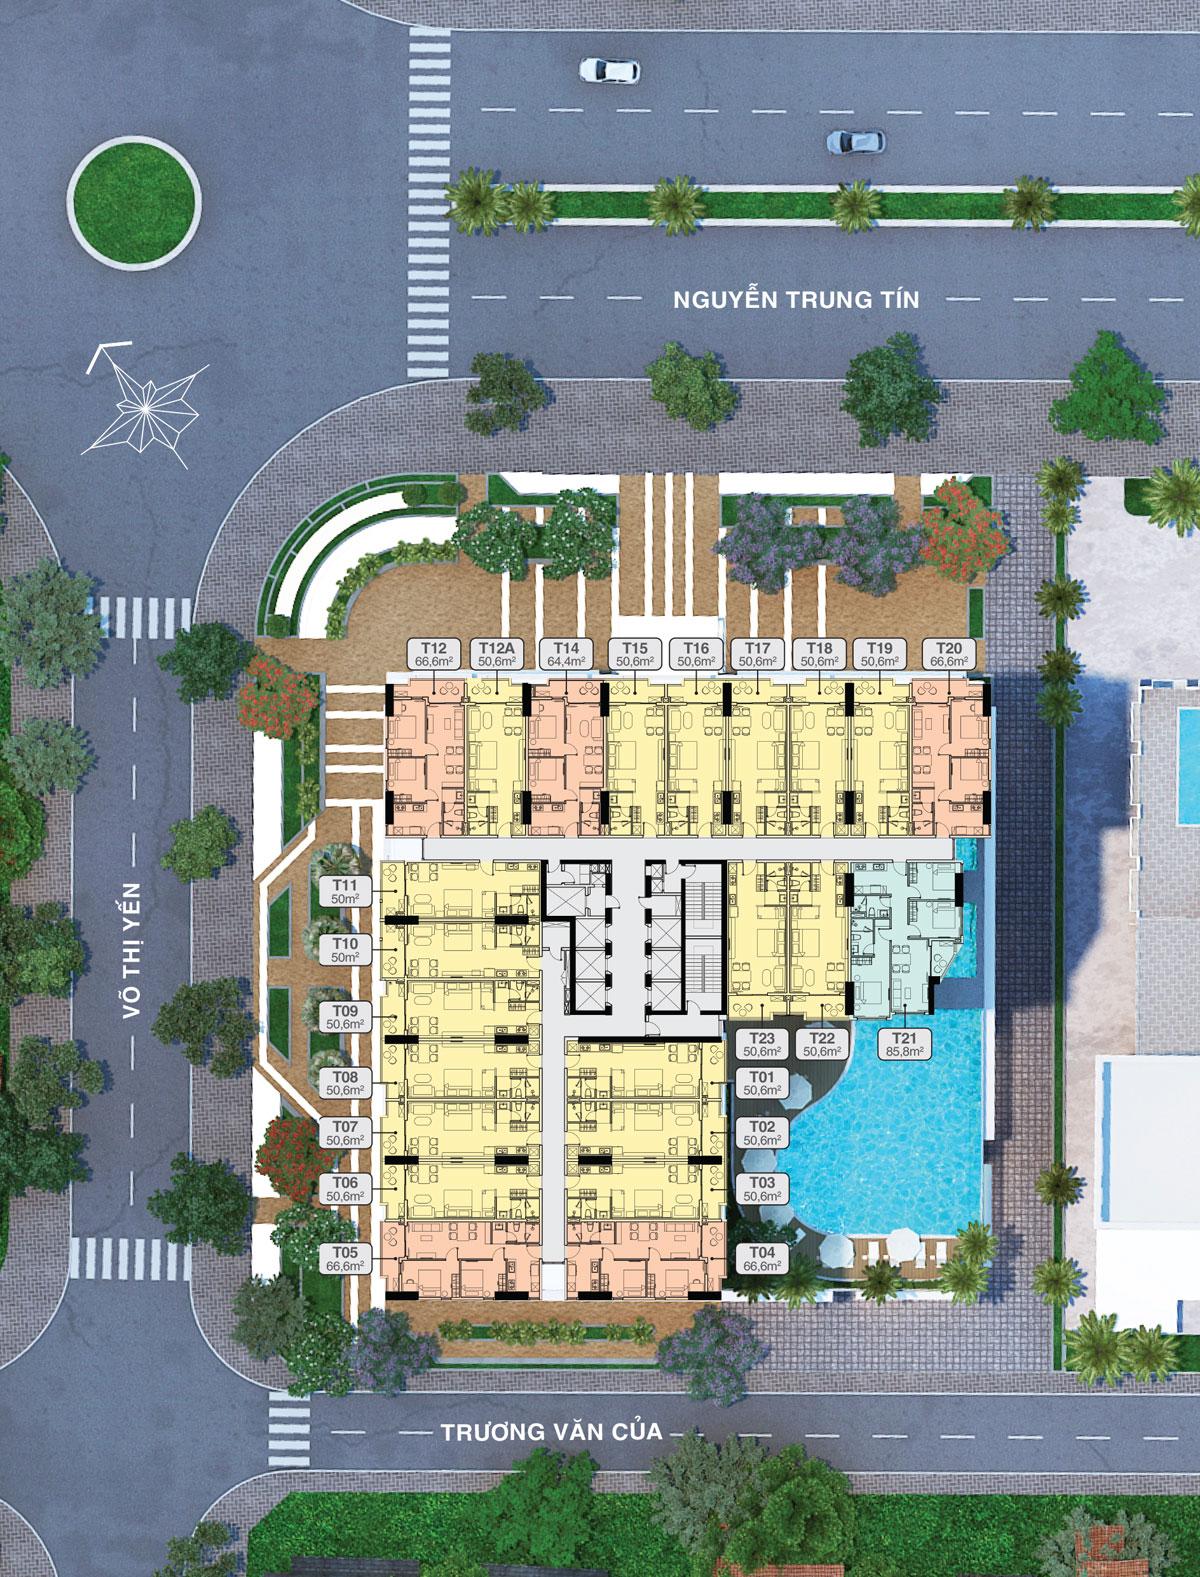 Mặt bằng tầng 6 -34 căn tệt thương mại block Tropical